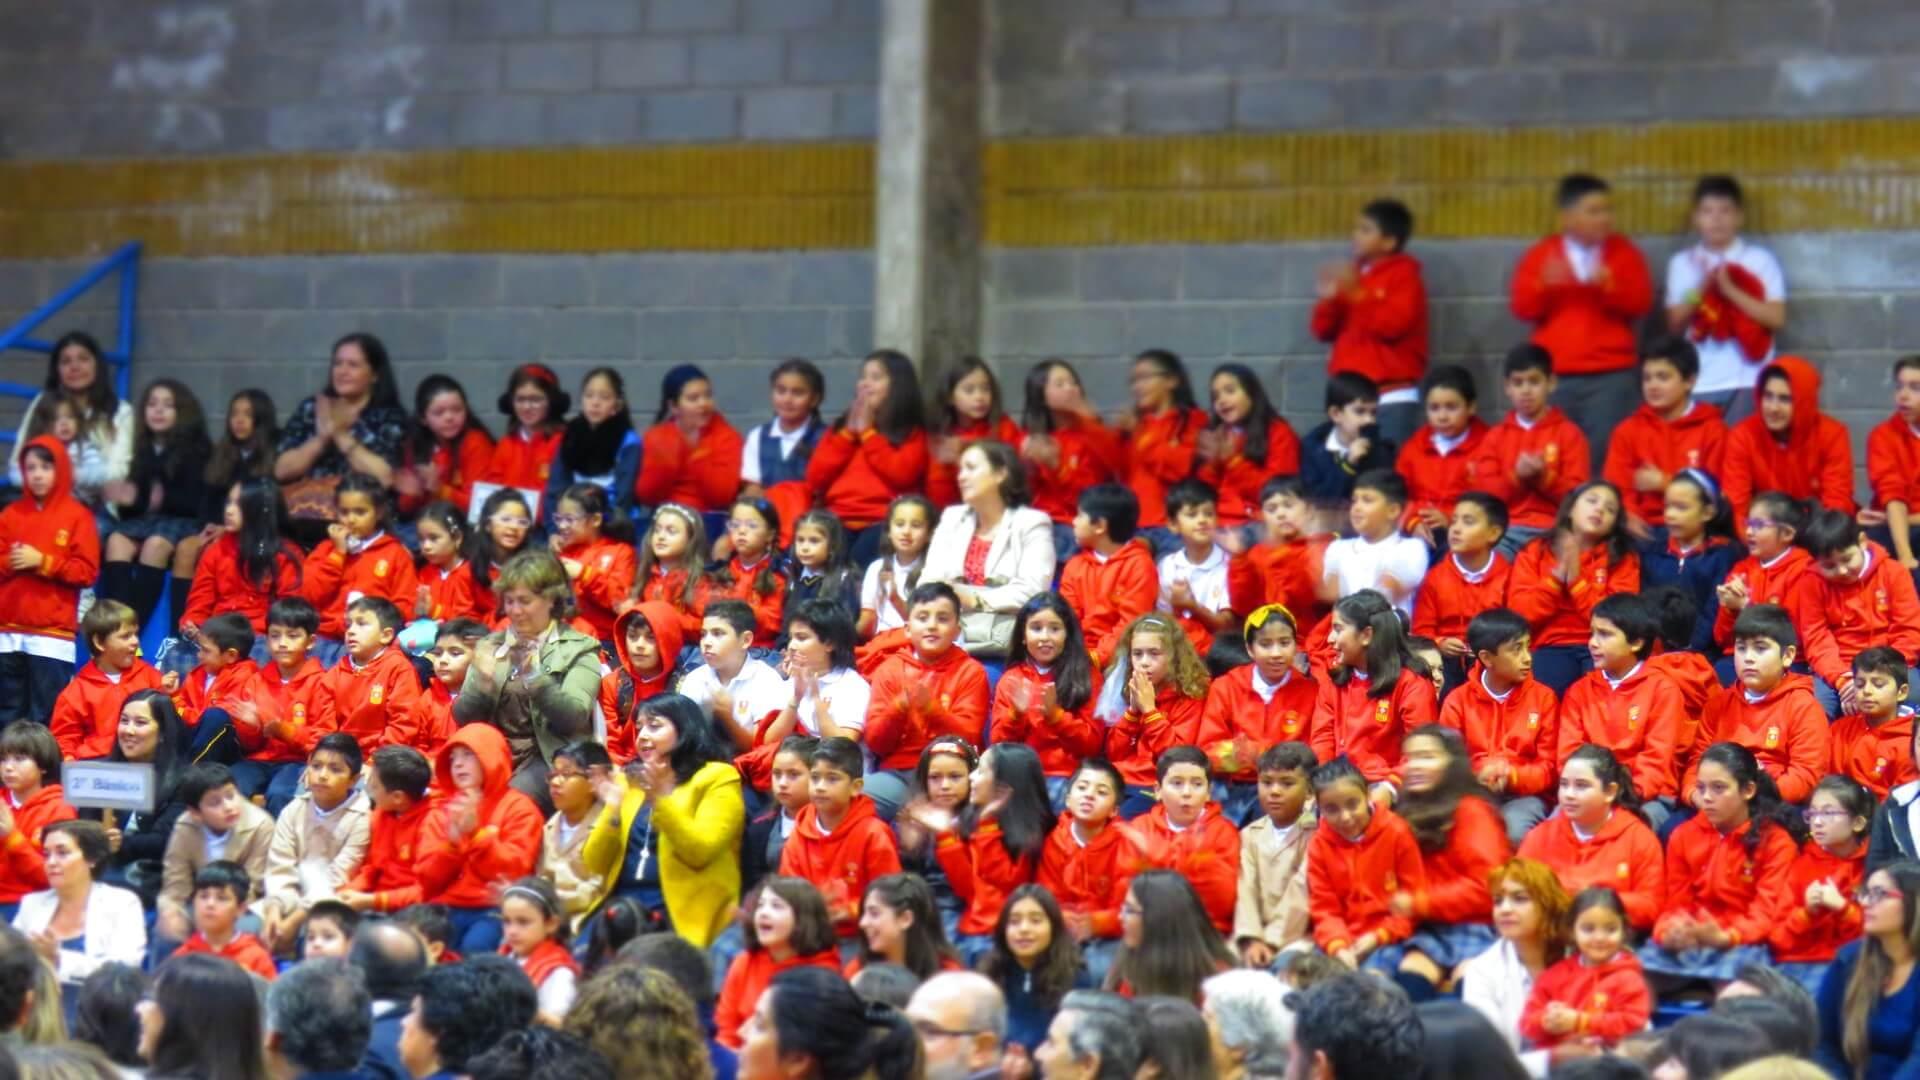 Colegio San Pedro Nolasco de Valparaíso - Educación Básica